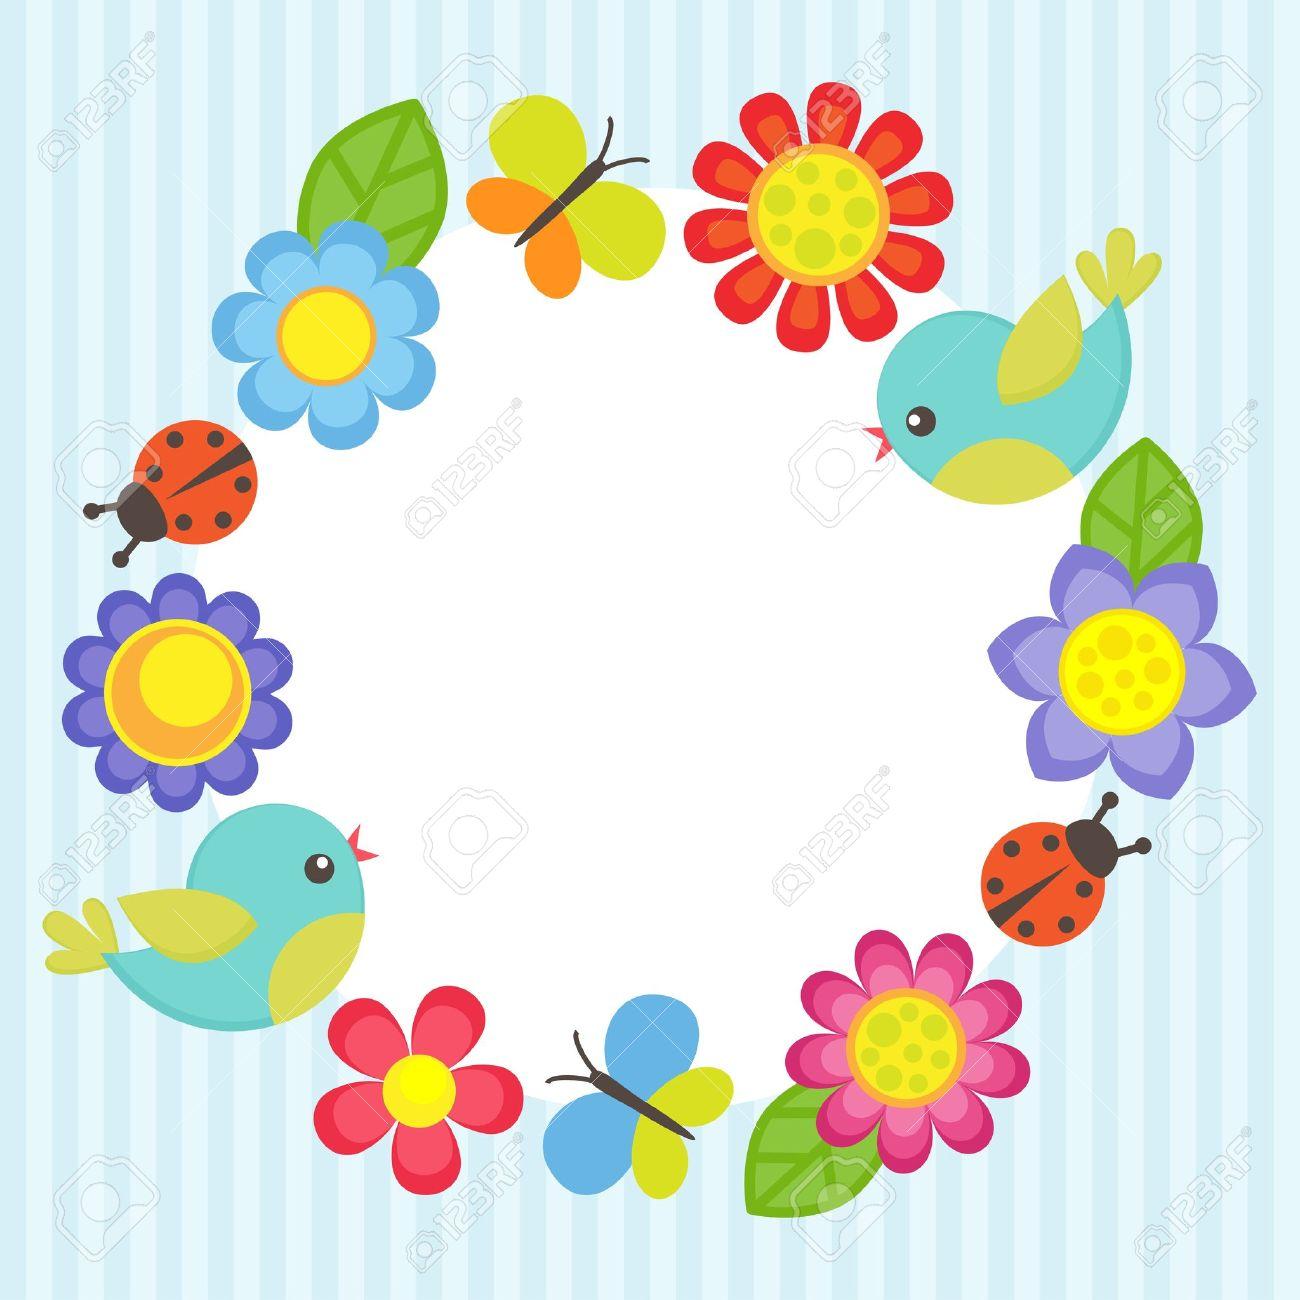 Rahmen Mit Blumen, Vögel, Marienkäfer Und Schmetterlinge Lizenzfrei ...